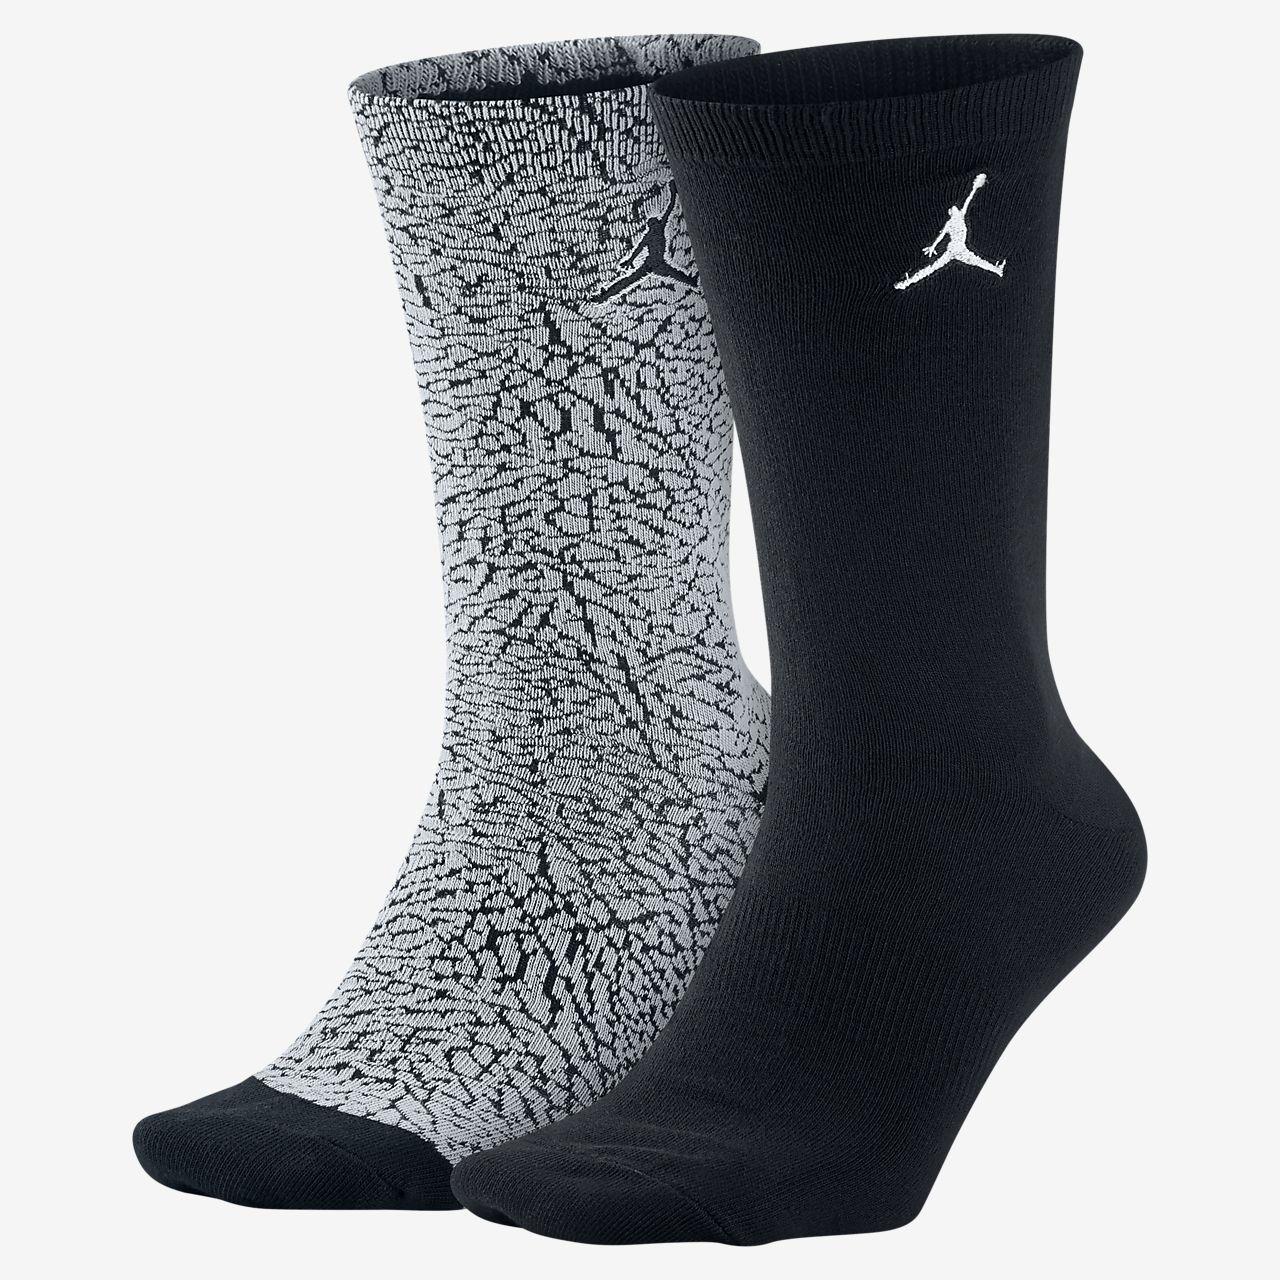 Jordan Elephant Print Crew Socks (2 Pair)